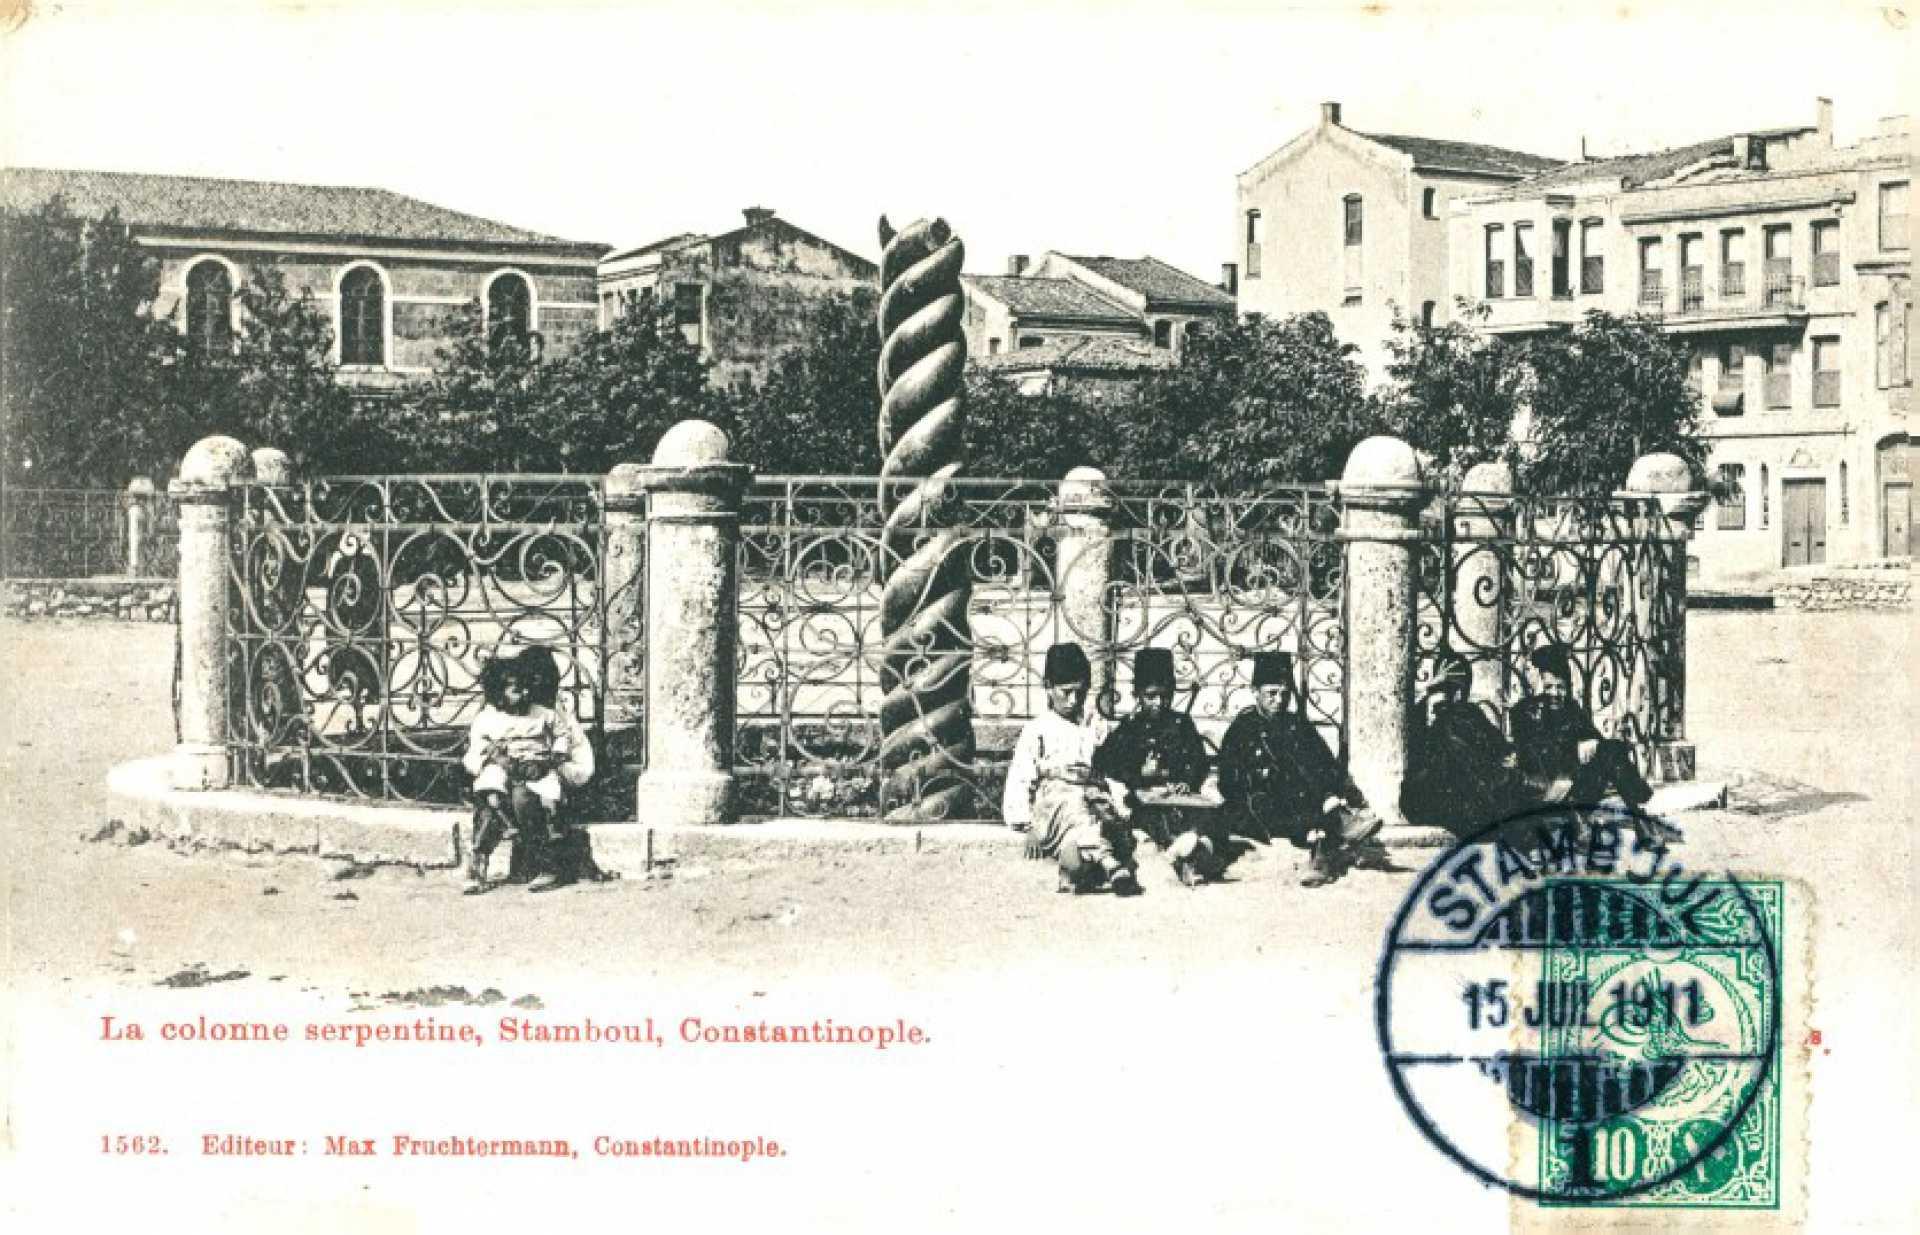 La colonne serpentine. Stamboul